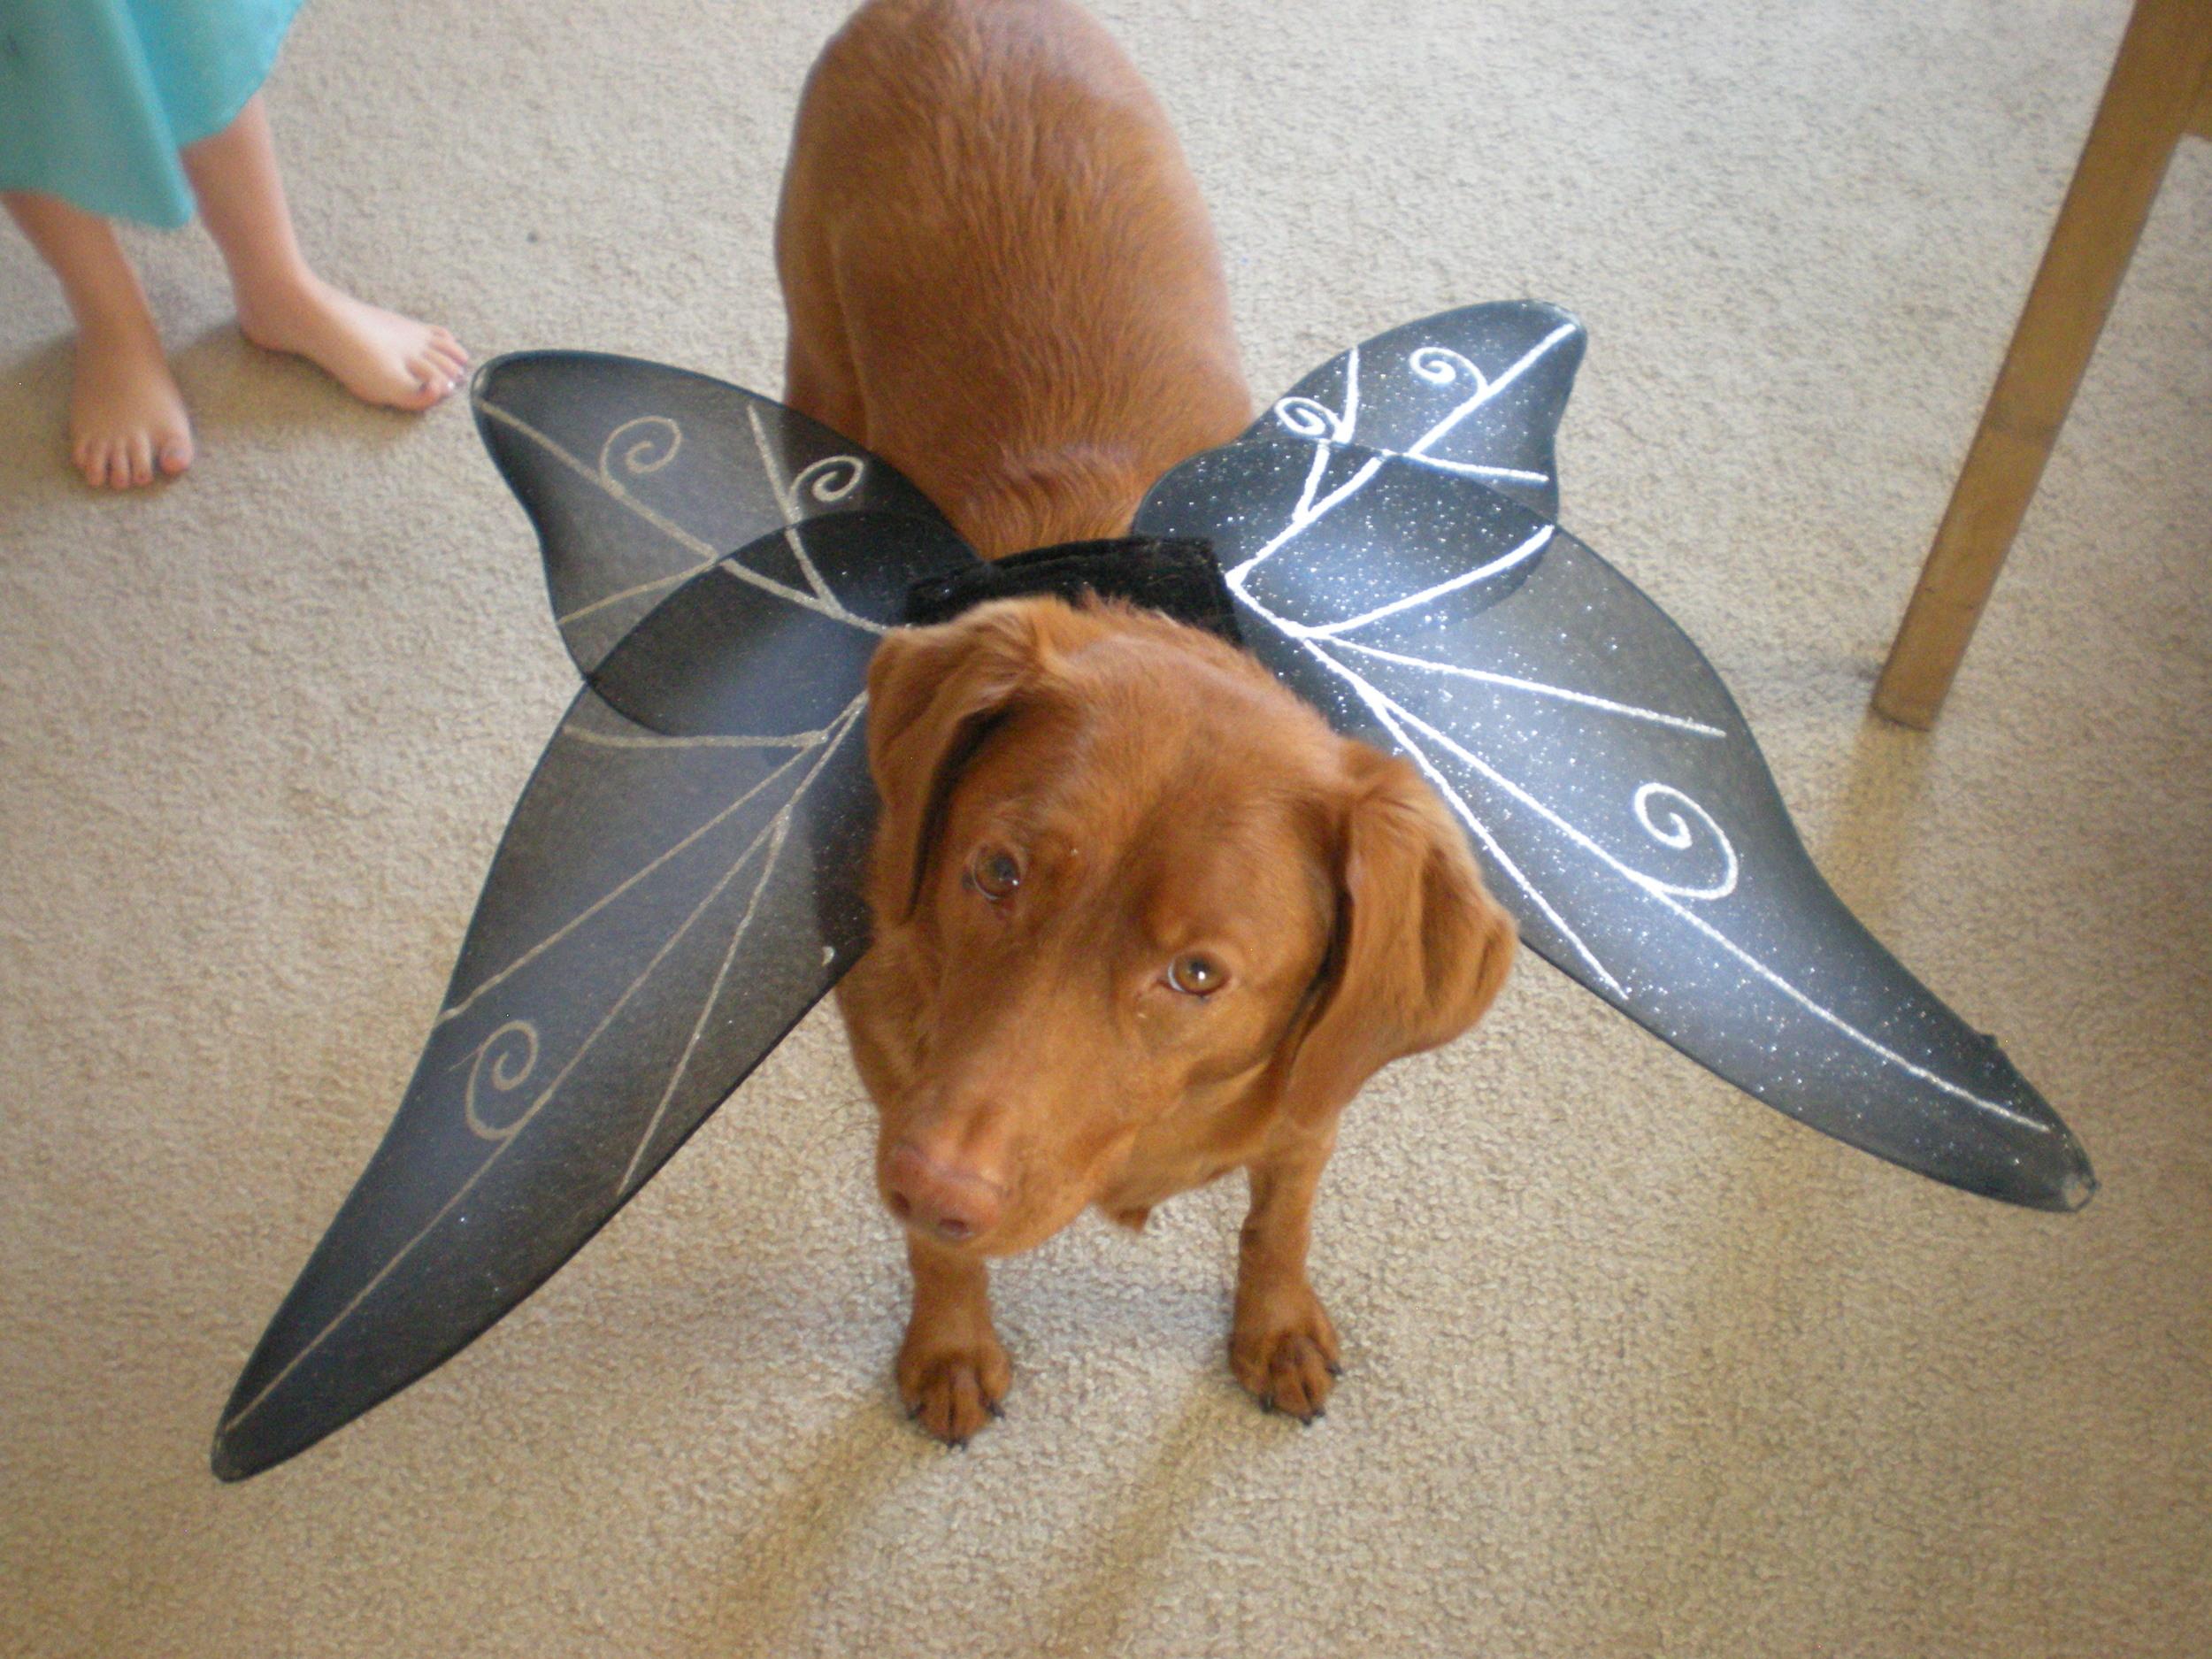 Cinnamon dog, the fairy